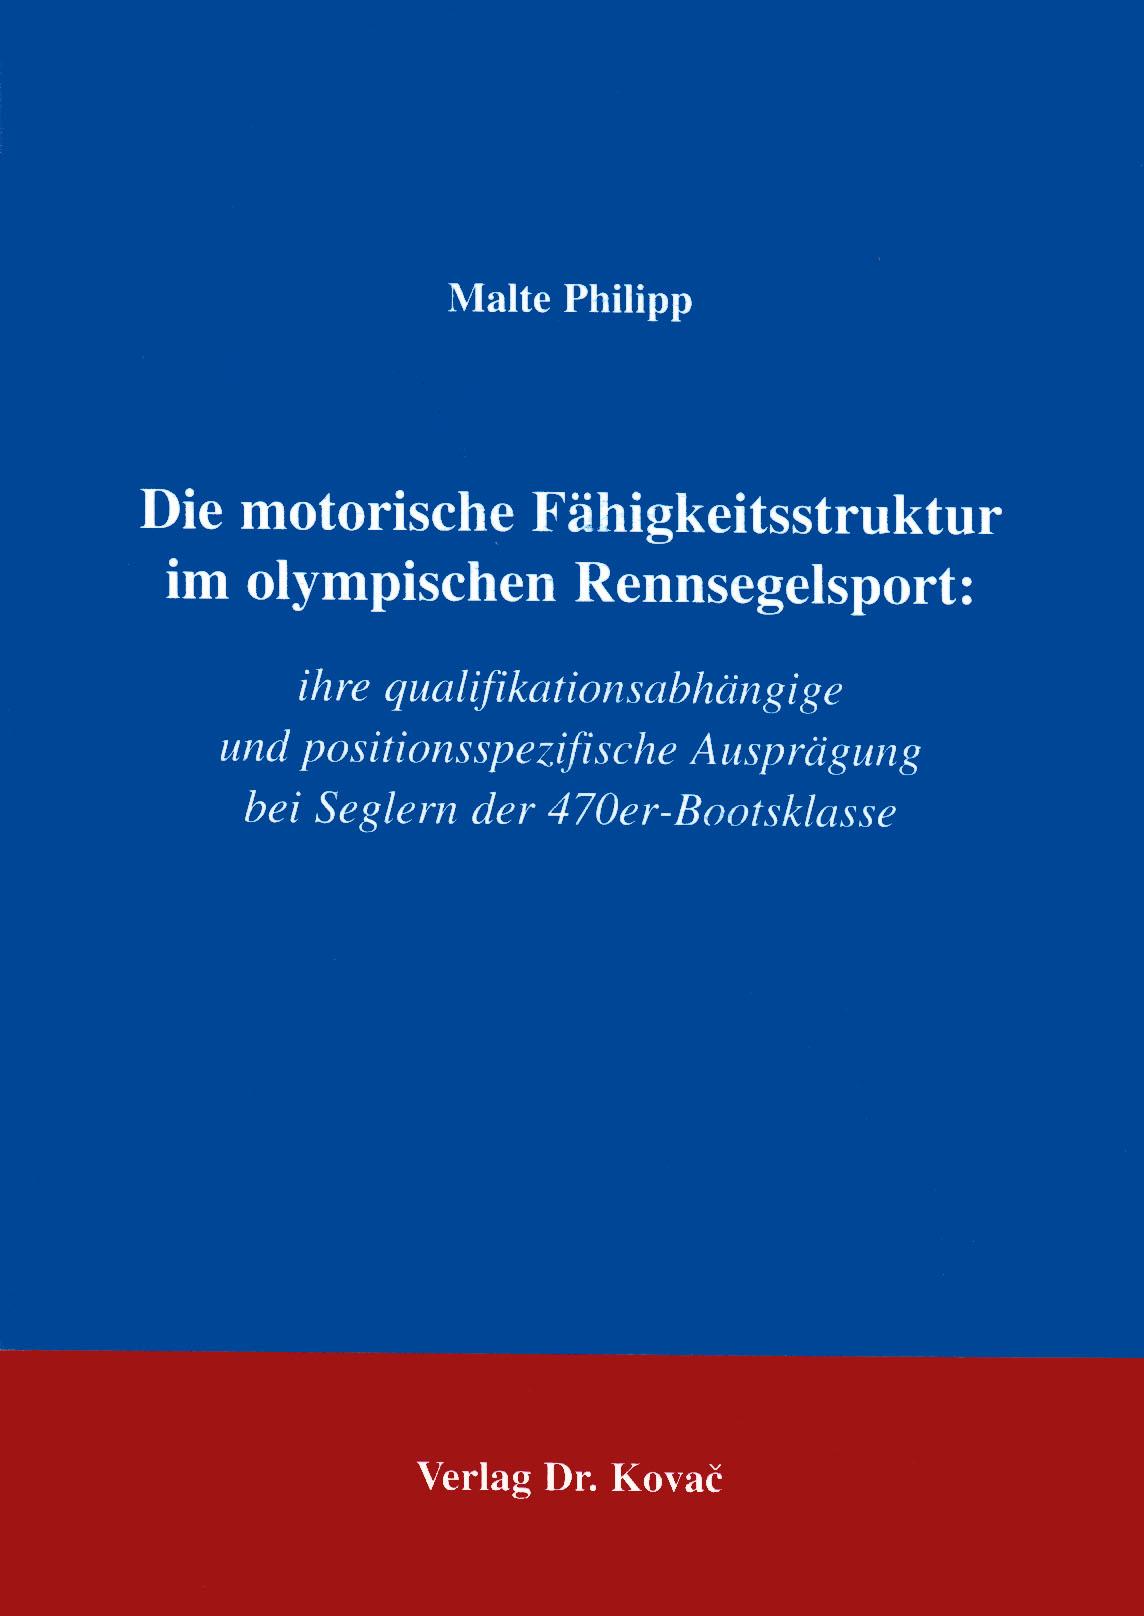 Cover: Die motorische Fähigkeitsstruktur im olympischen Rennsegelsport